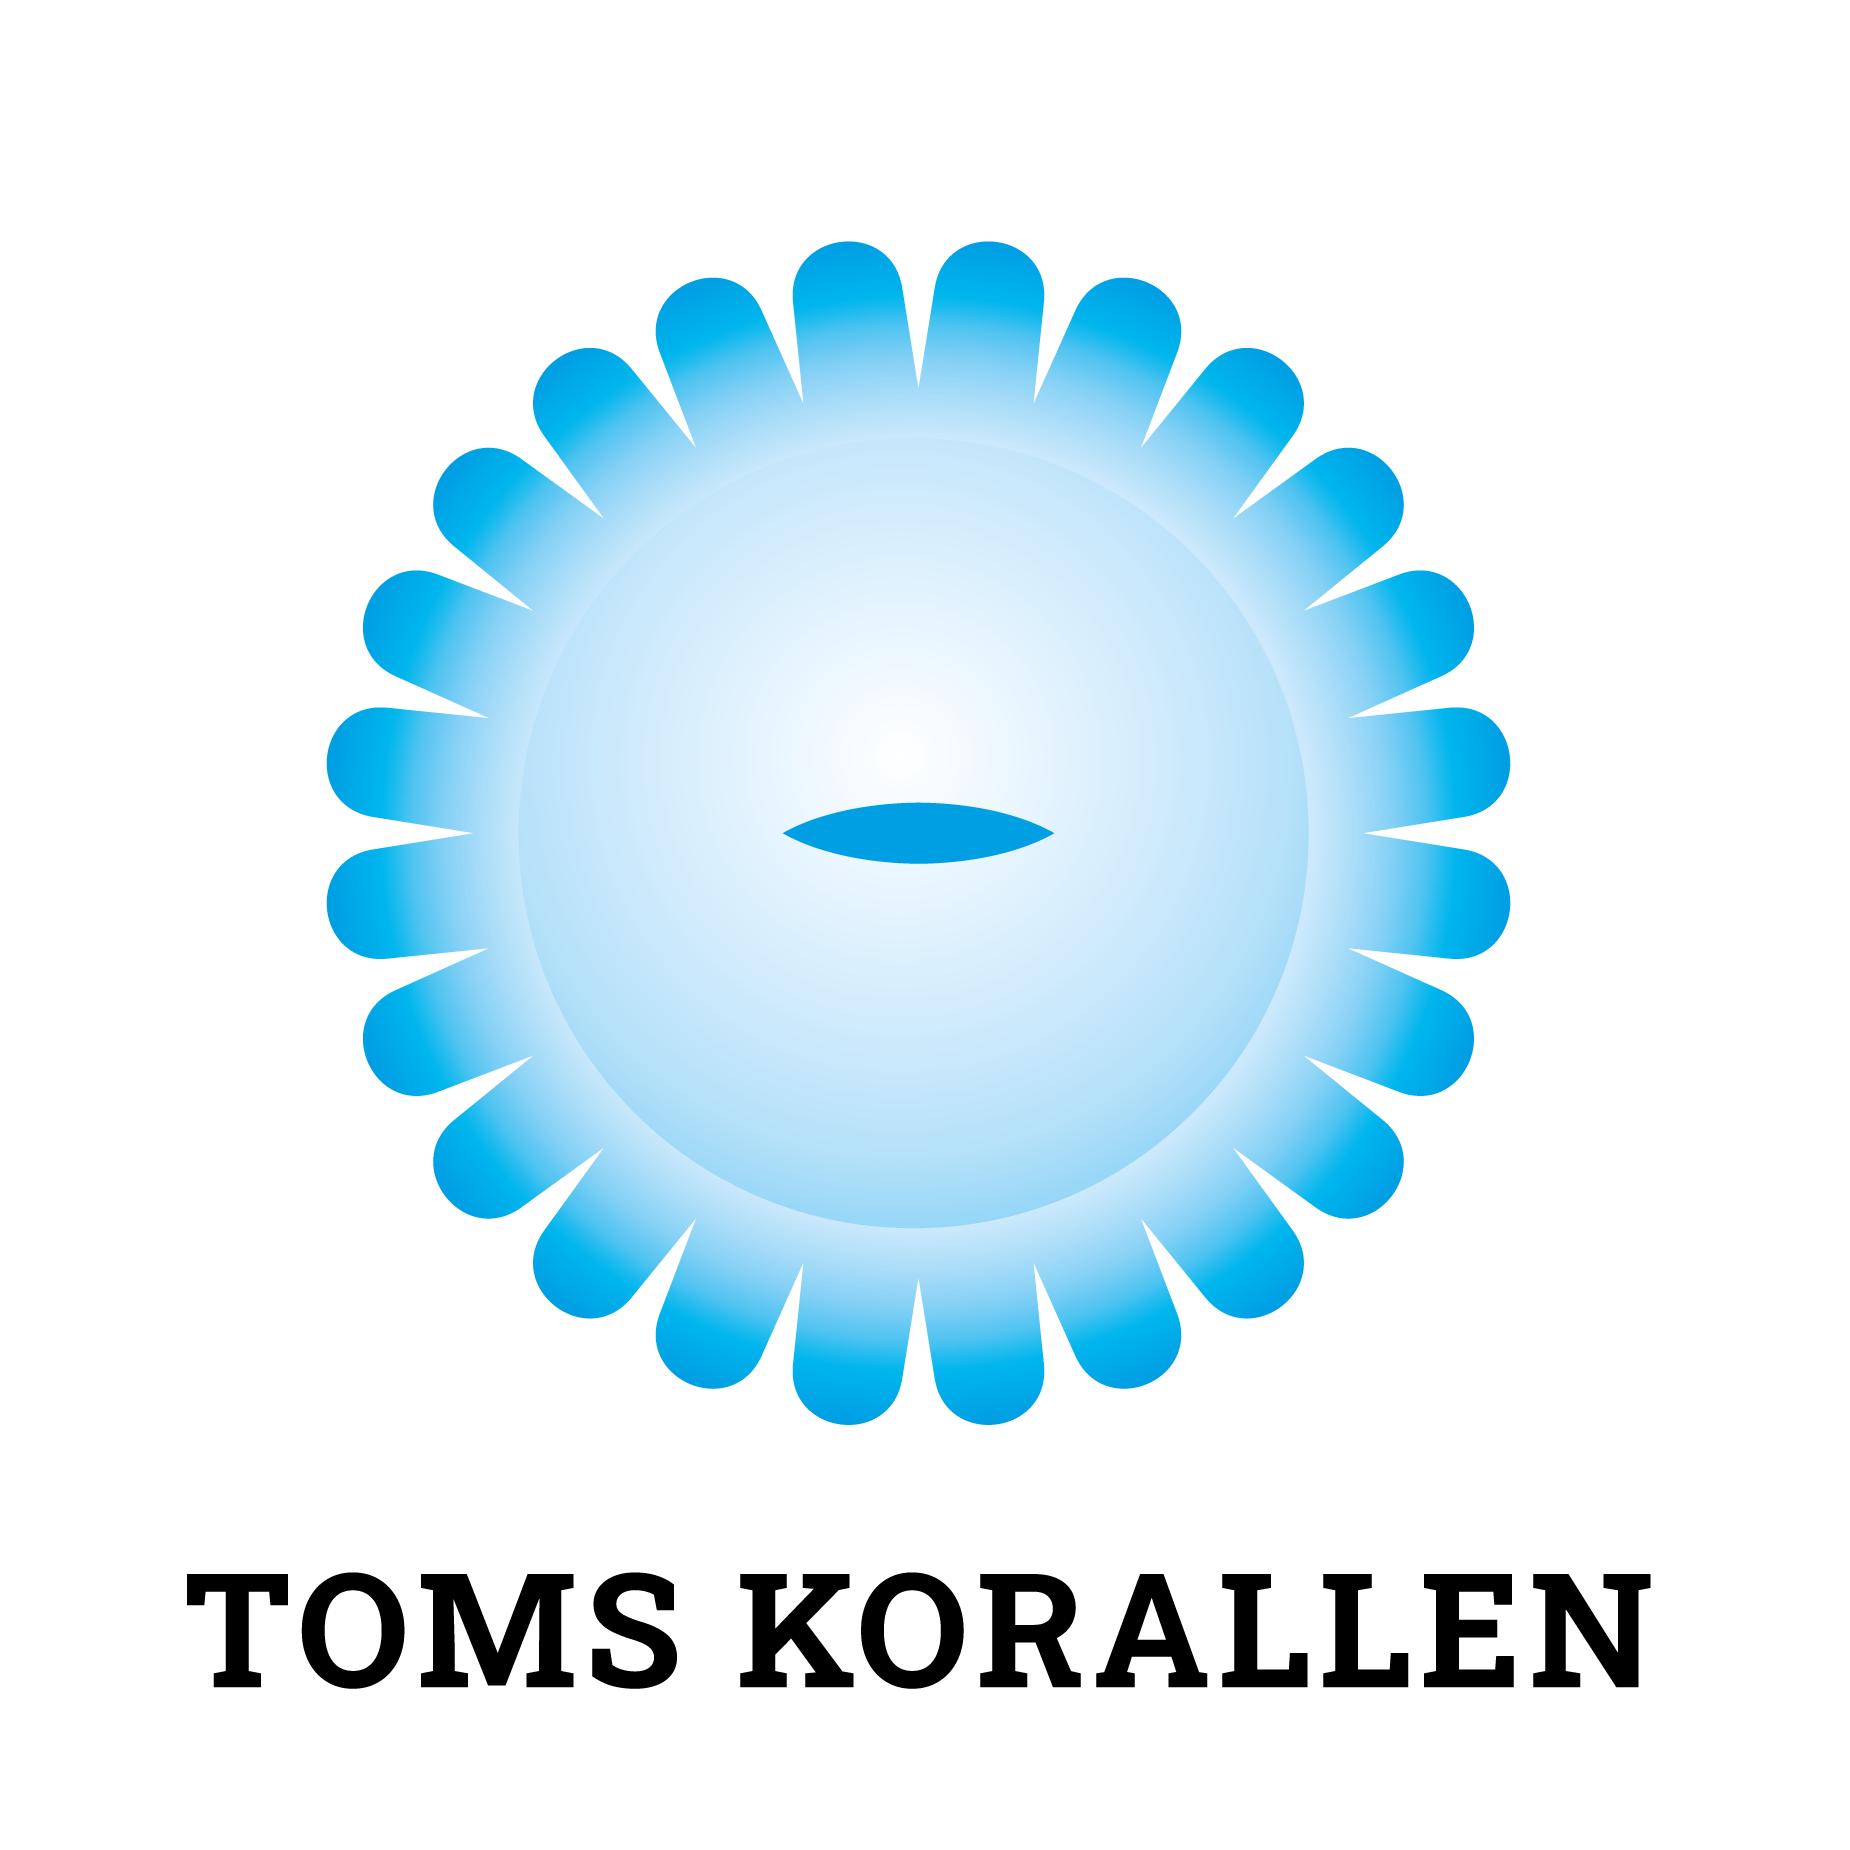 Toms Korallen